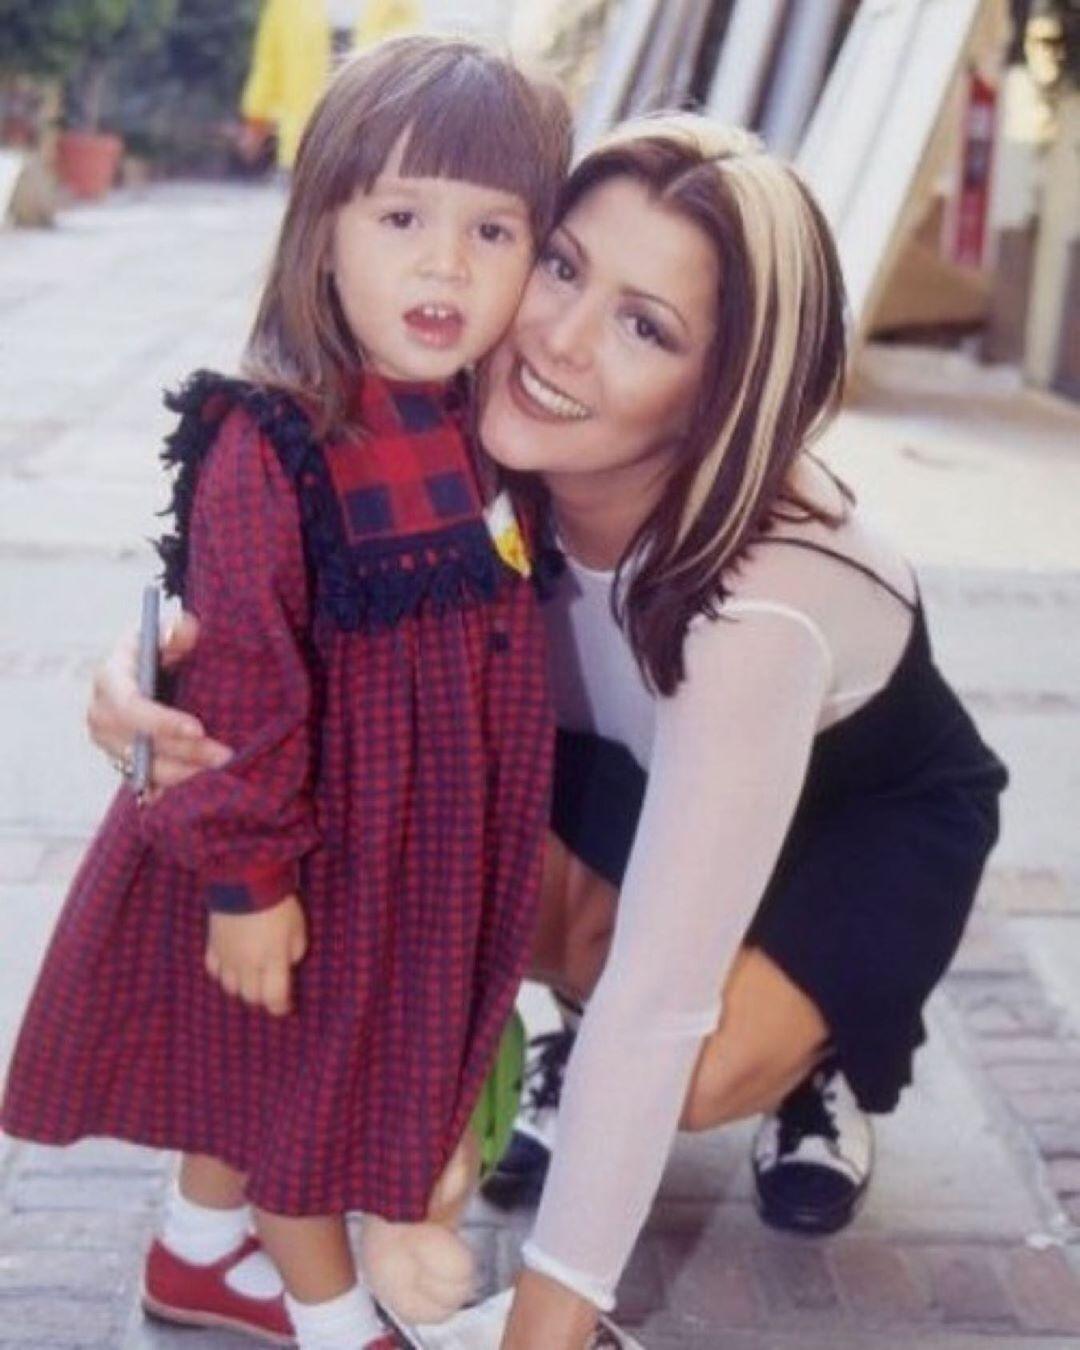 Viejas entrevistas de Alejandra Guzmán y Frida Sofía revelan su distanciamiento de antaño